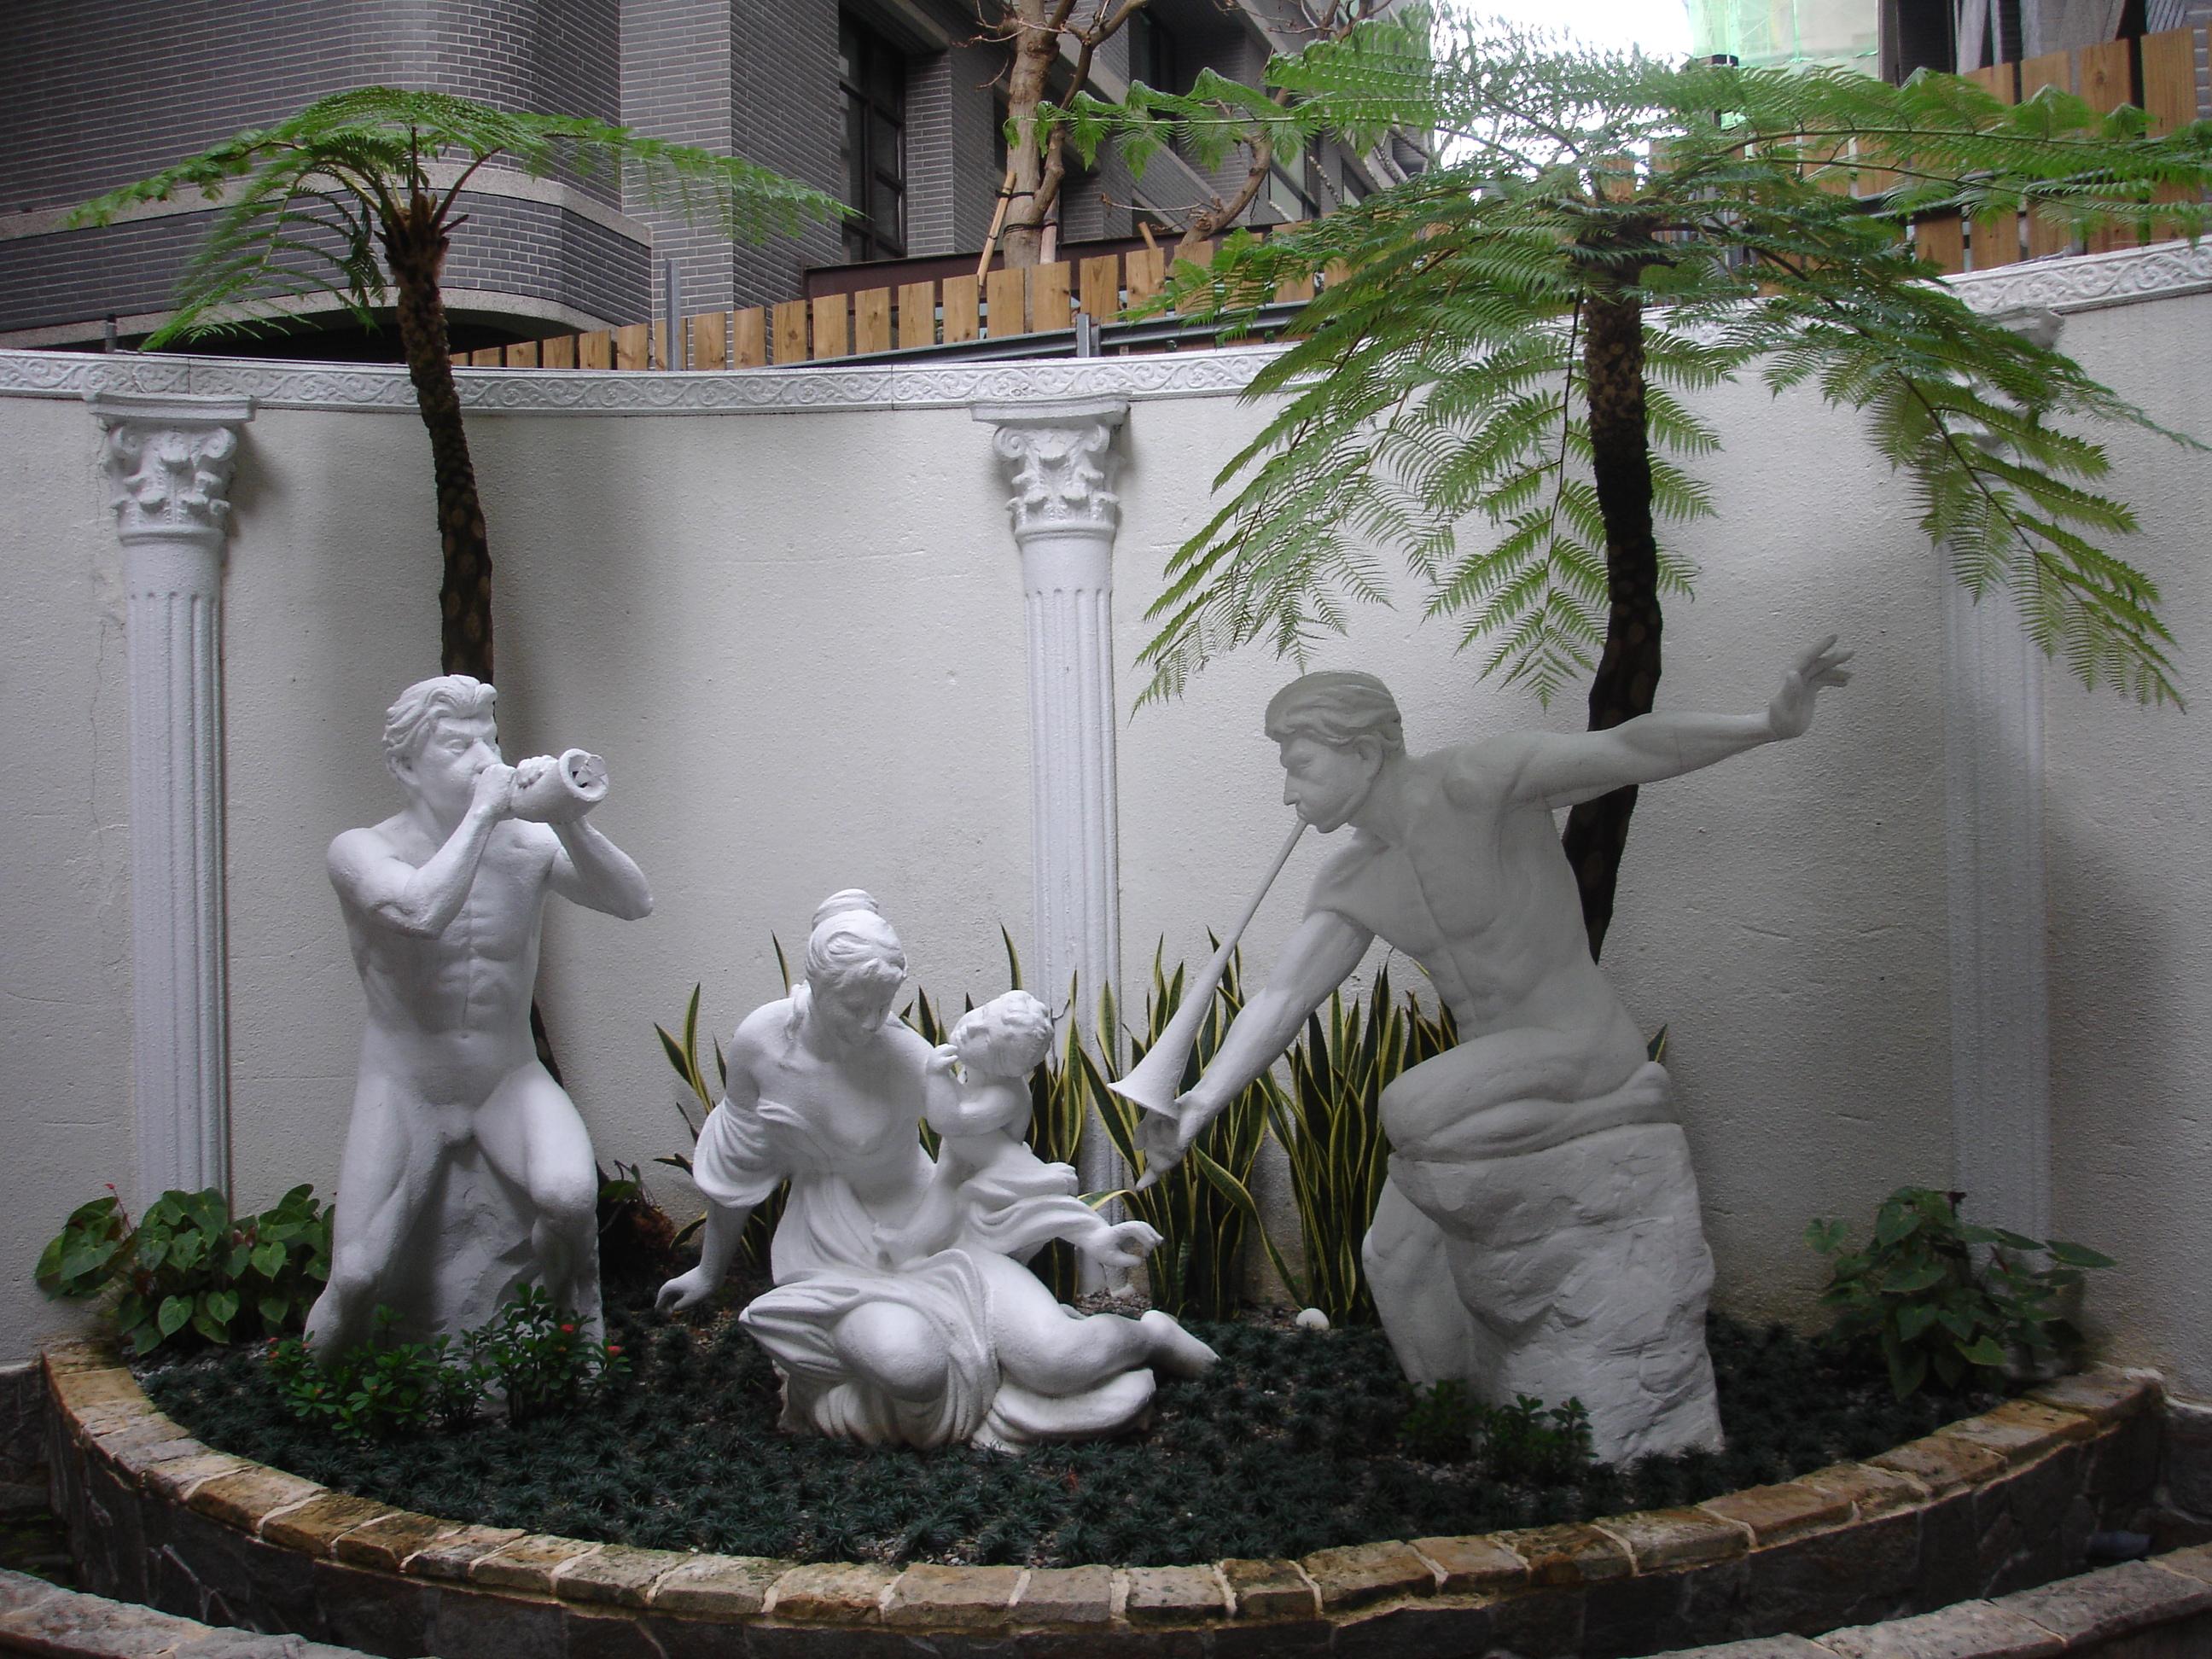 花店.景观设计服务 请找 御花园企业.请至网址: http://tw.myblog.